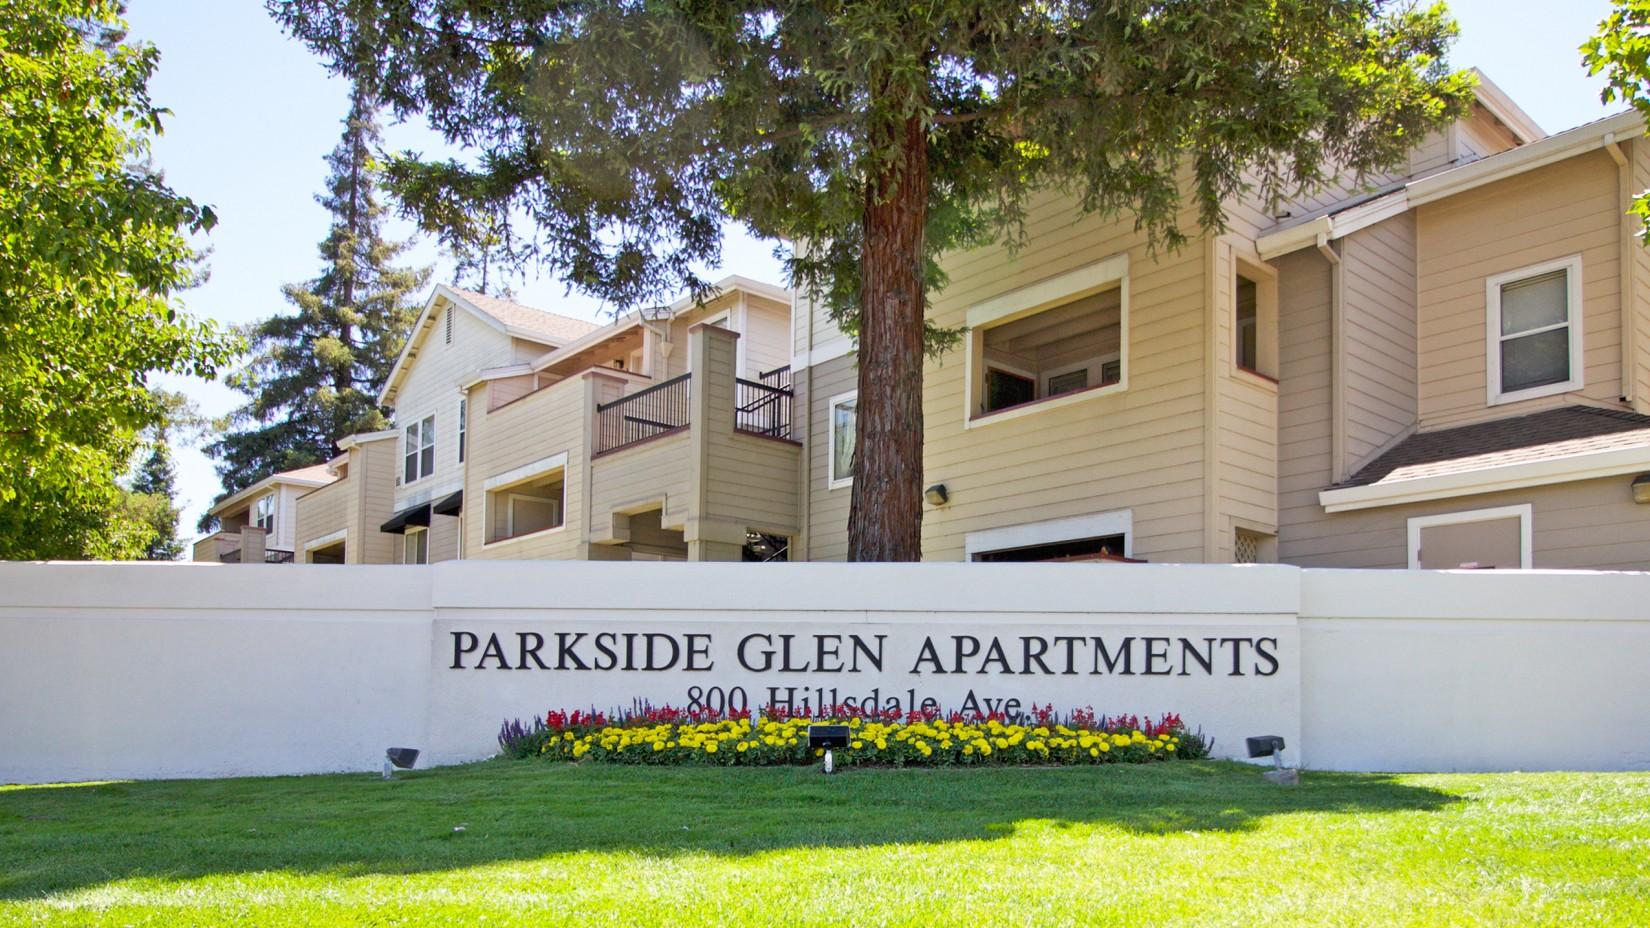 Parkside Glen Apartment Homes